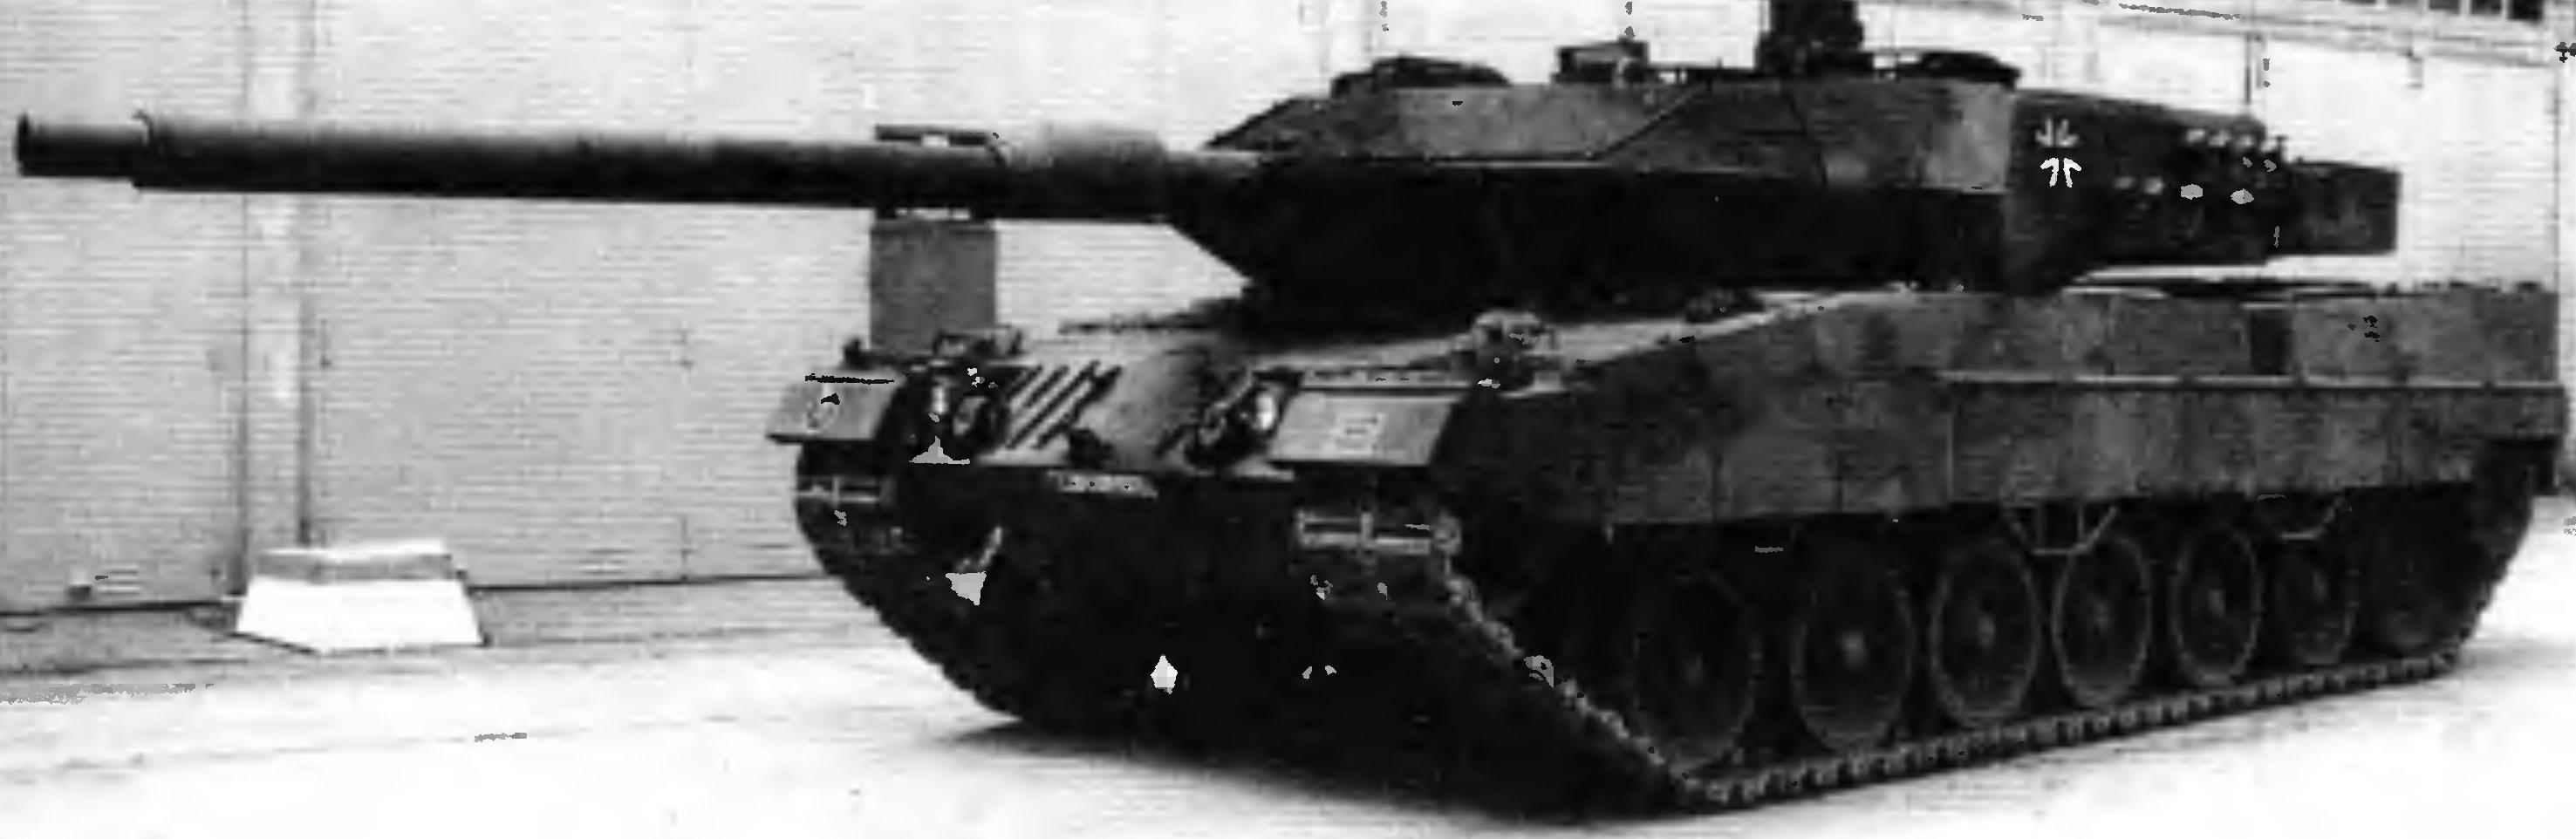 Основной боевой танк «Леопард» 2А6